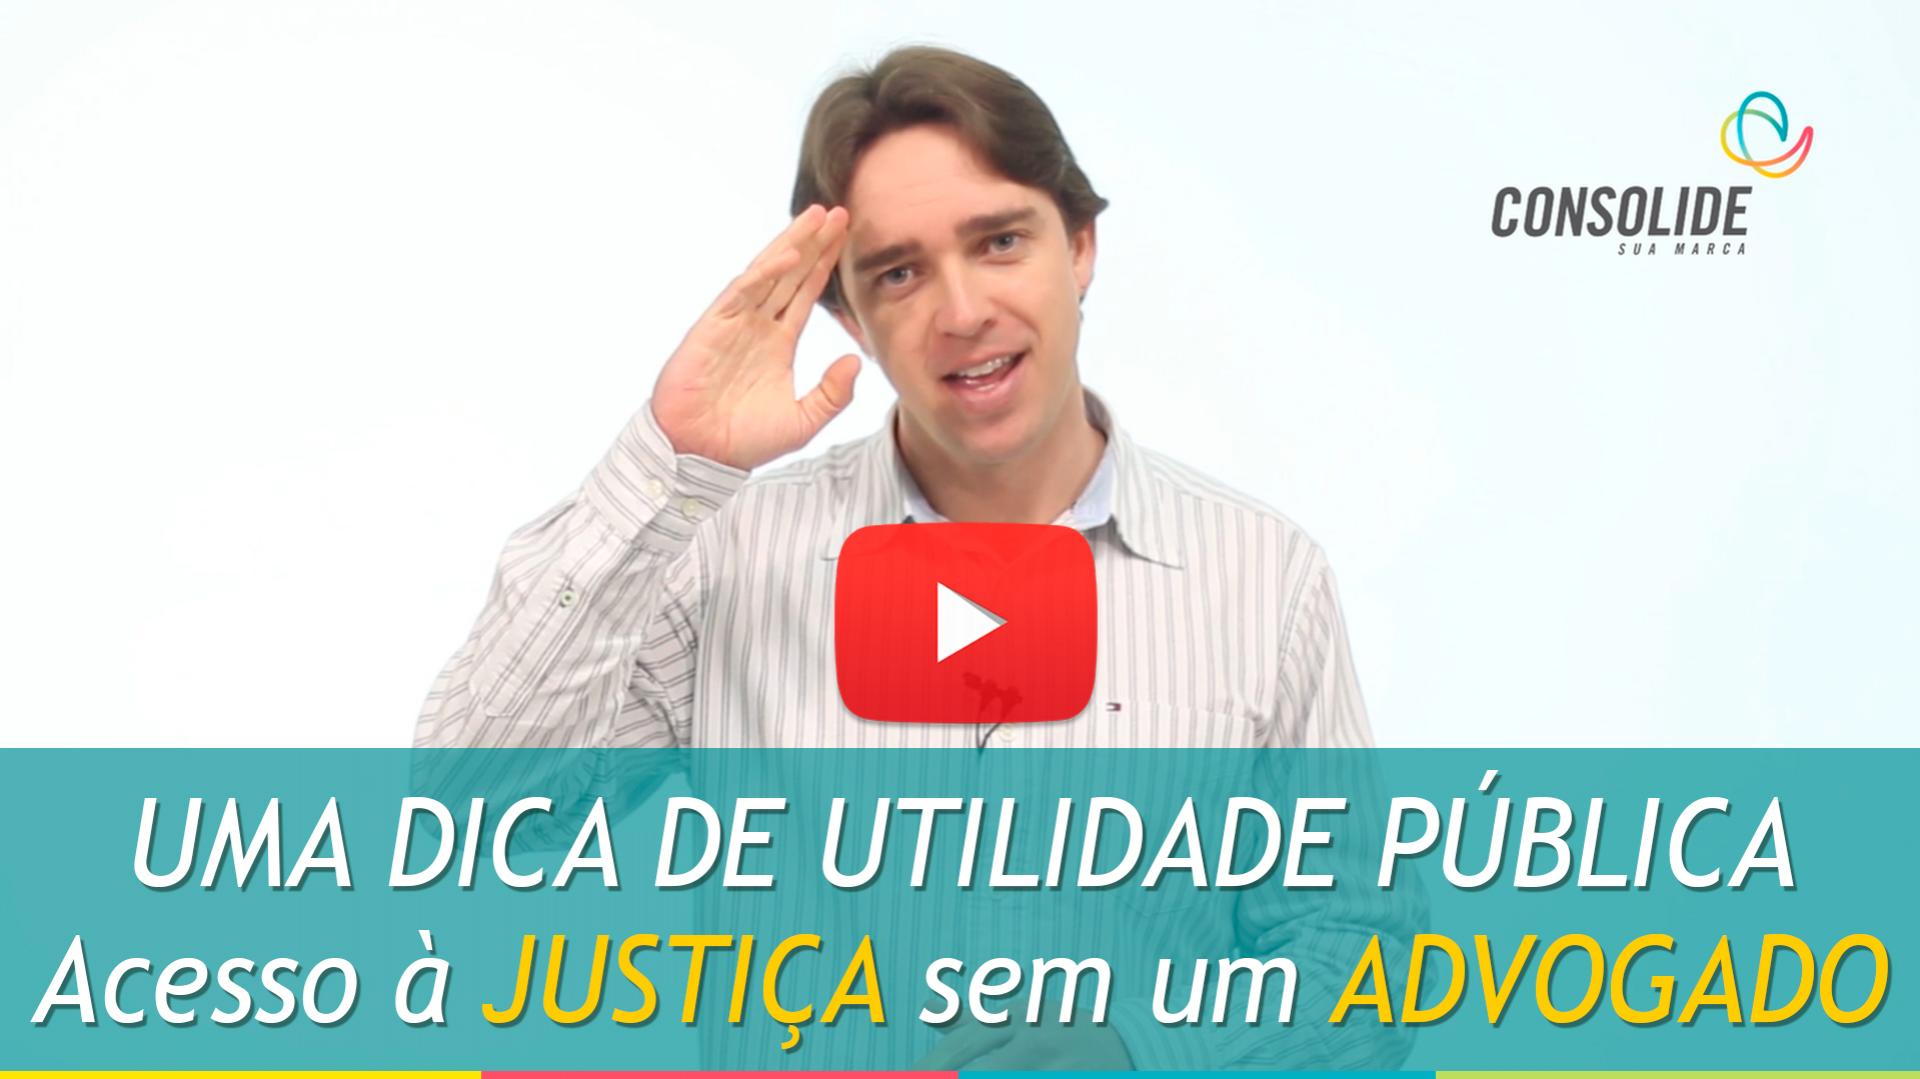 Dica de Utilidade Pública: Acesso à Justiça Sem Advogado